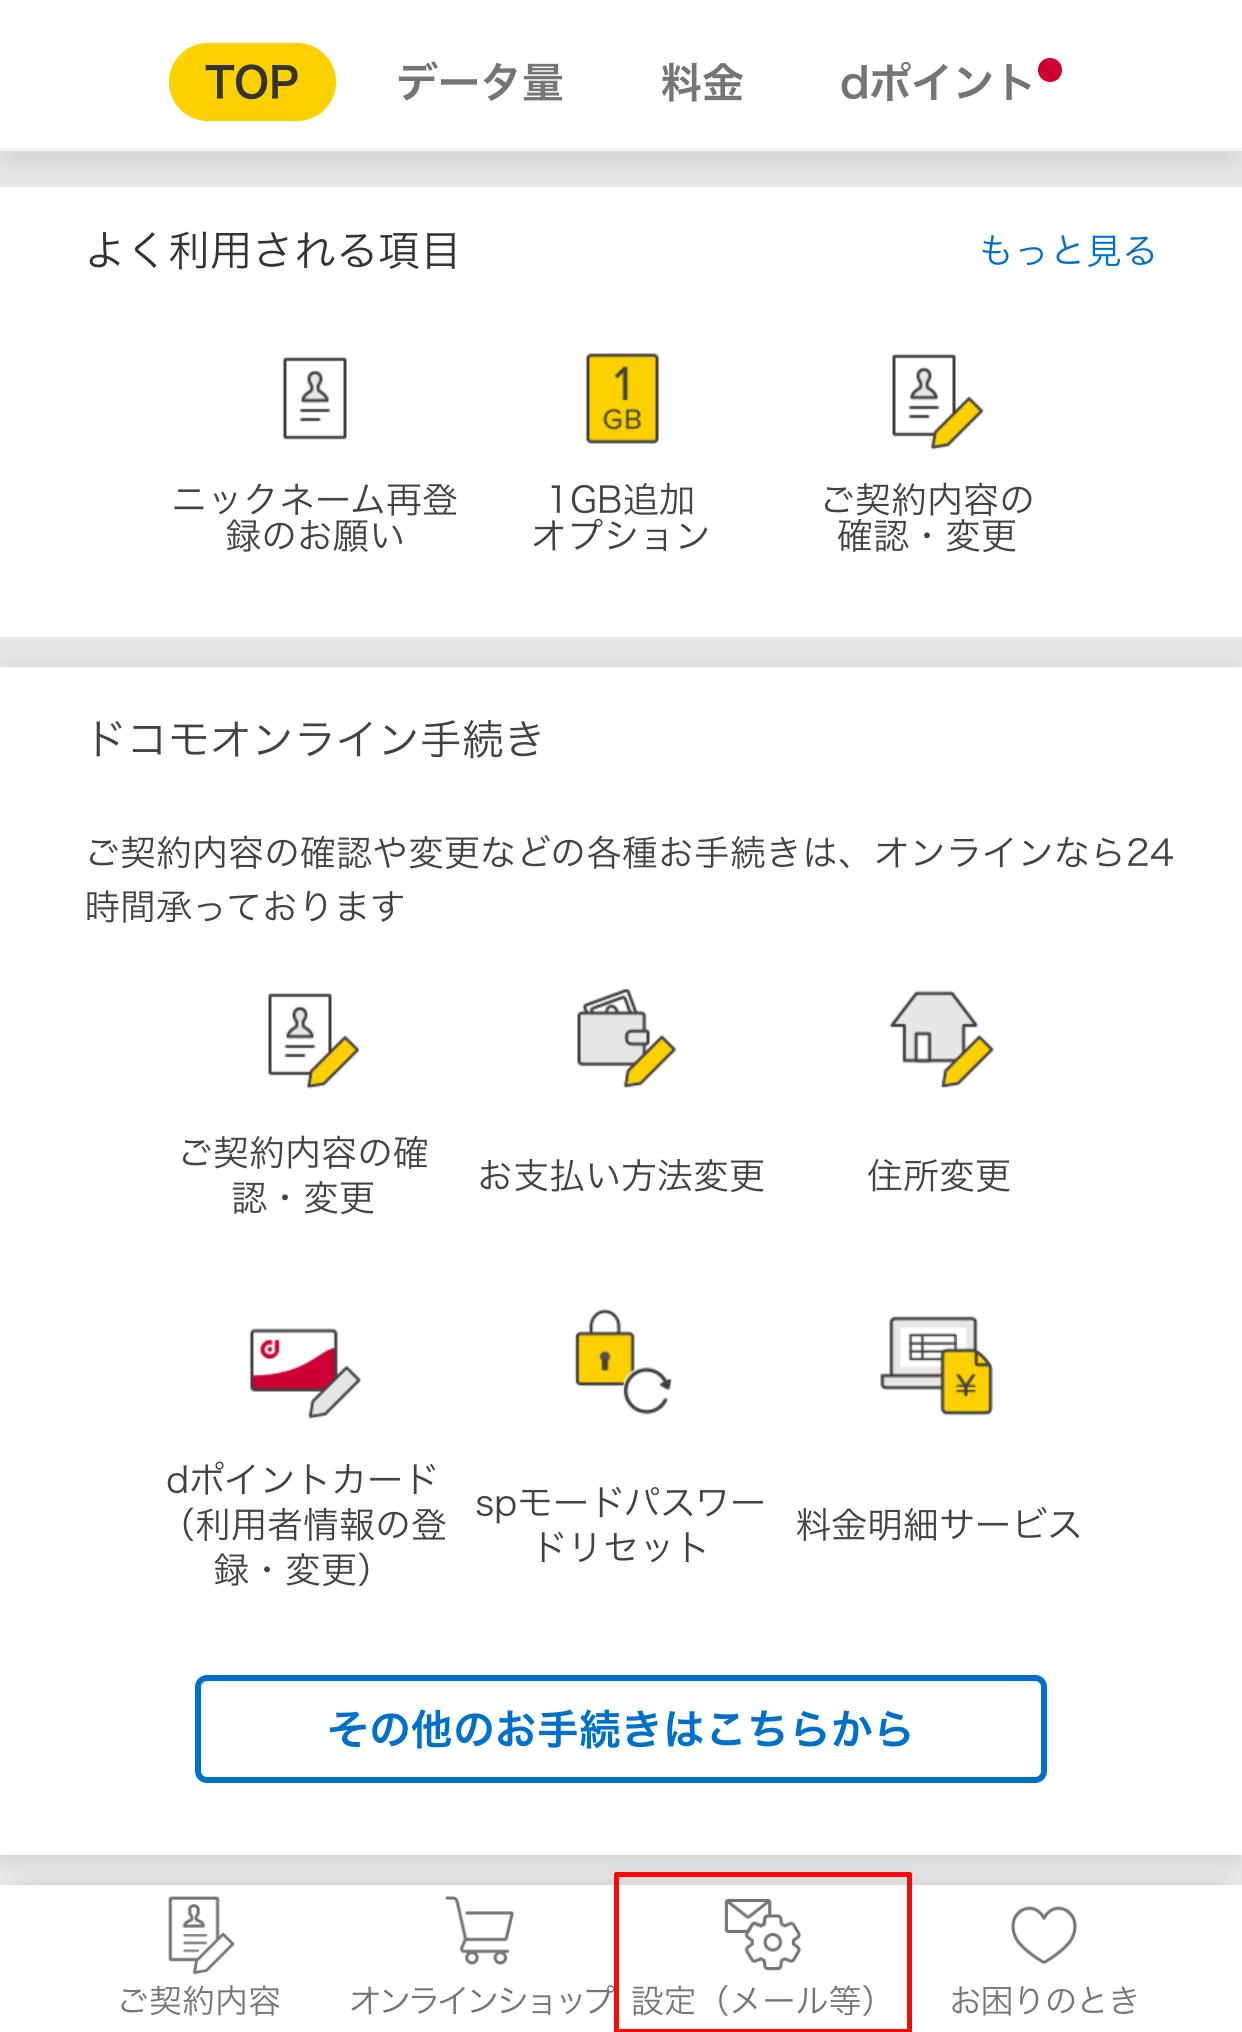 「My docomo」のアプリを起動しましたら、下にある「設定(メール等)」をタップします。